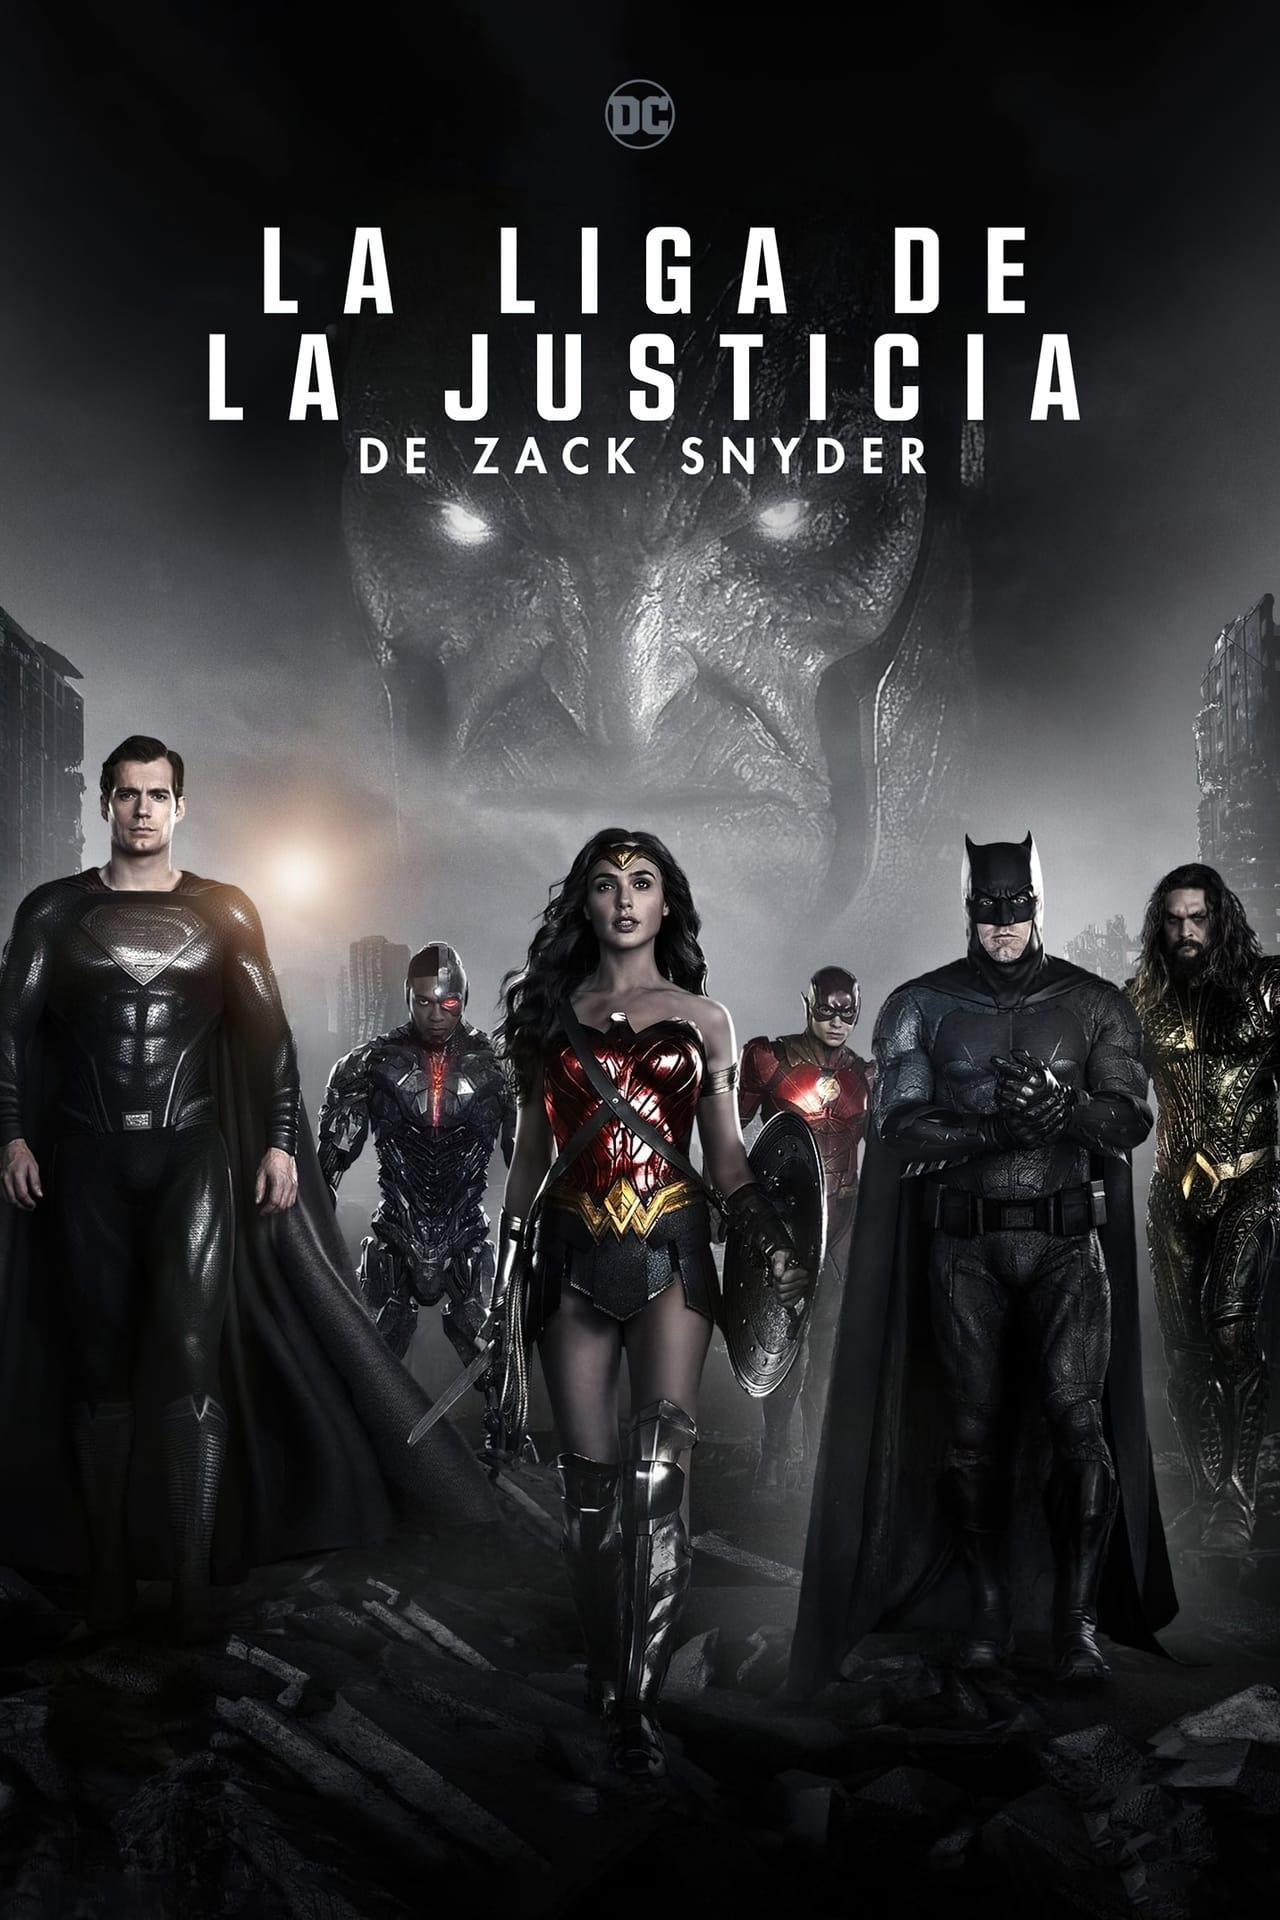 LA LIGA DE LA JUSTICIA DE ZACK SNYDER (2021) HMAX WEB-DL 1080P HD MKV ESPAÑOL LATINO